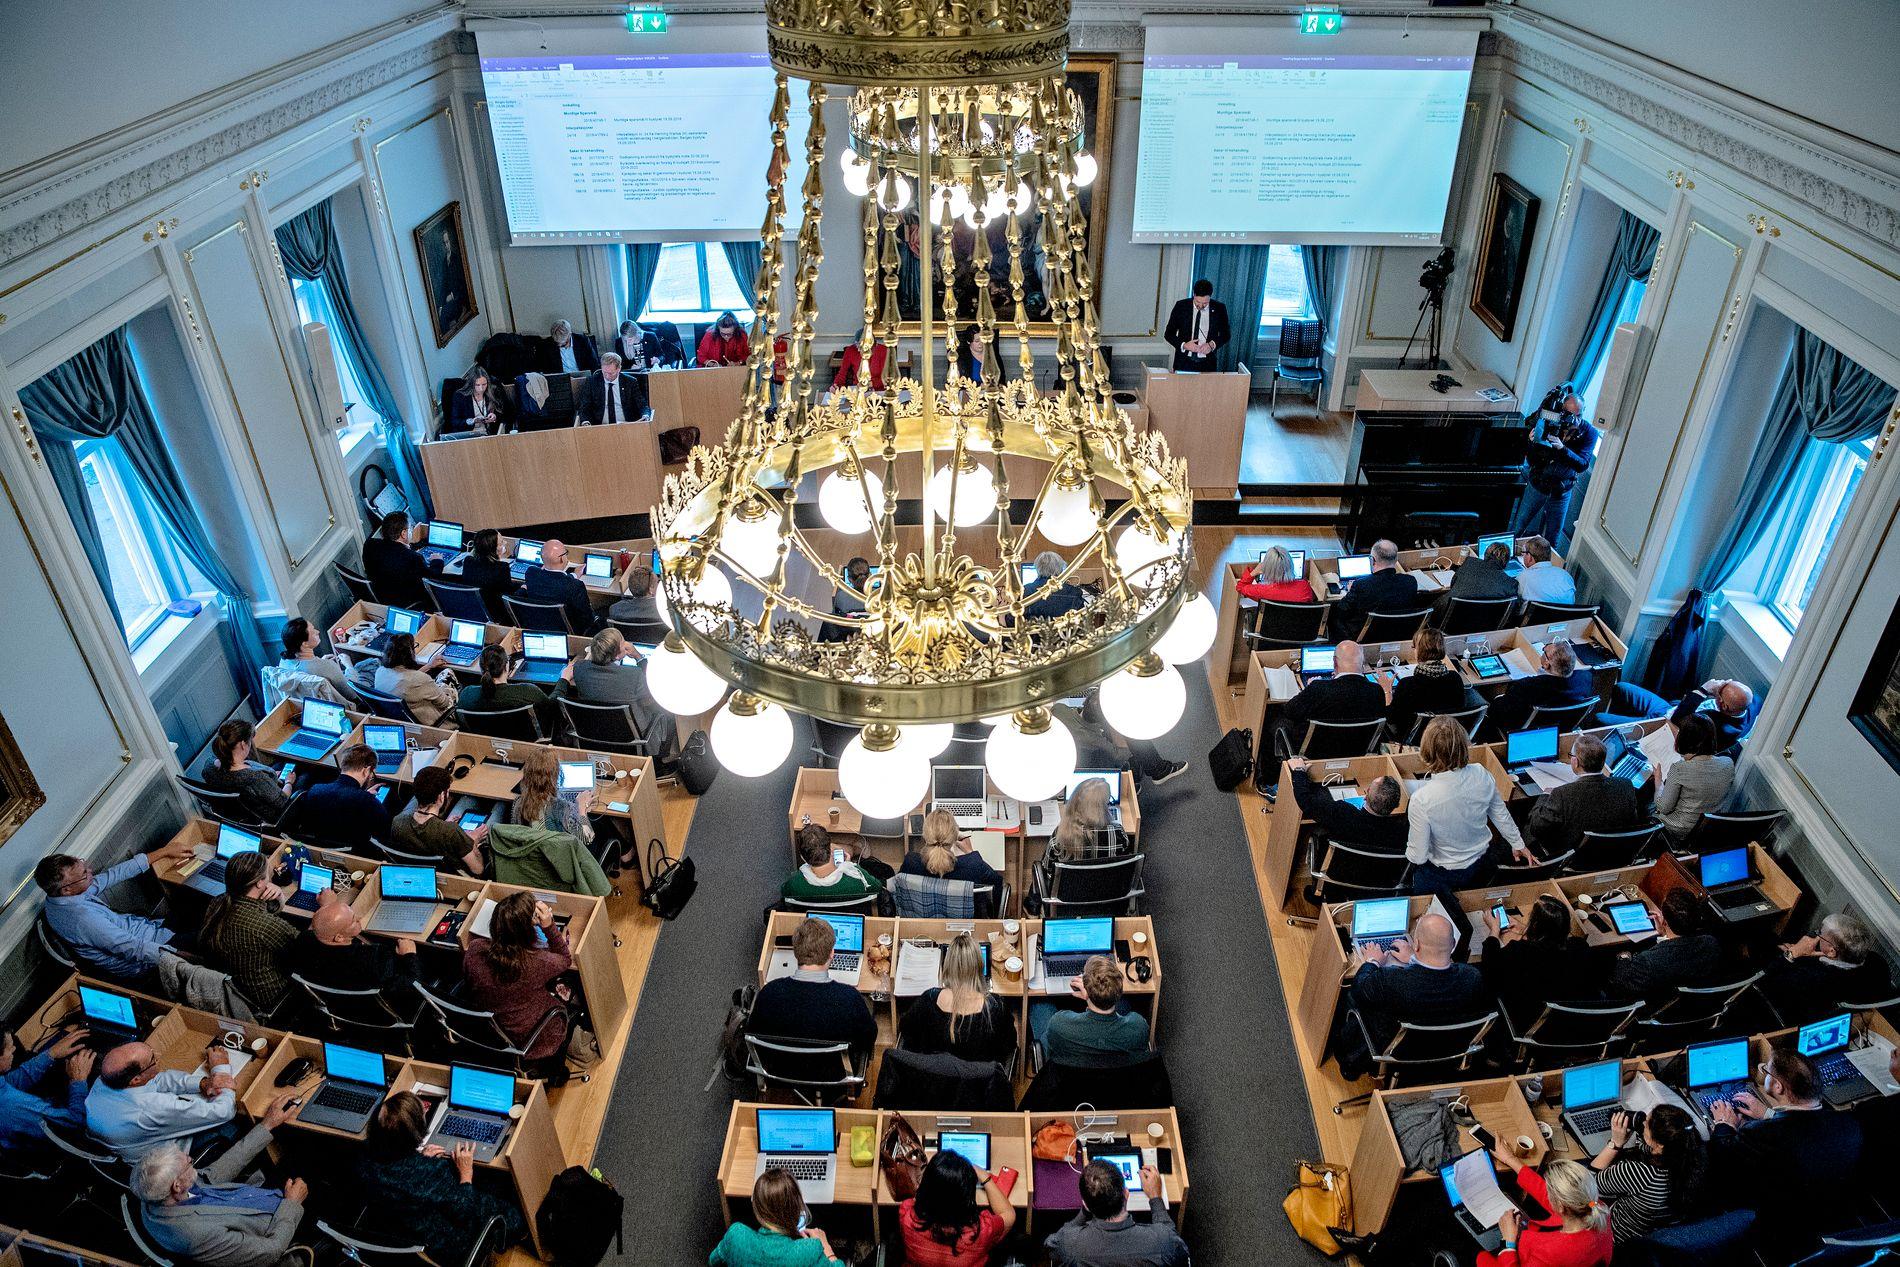 UAVHENGIG: – Eg har sjølv meld meg ut i protest, og sat som uavhengig i Bystyret dei siste månadane før valet i 2015, skriv Morten Myksvoll.